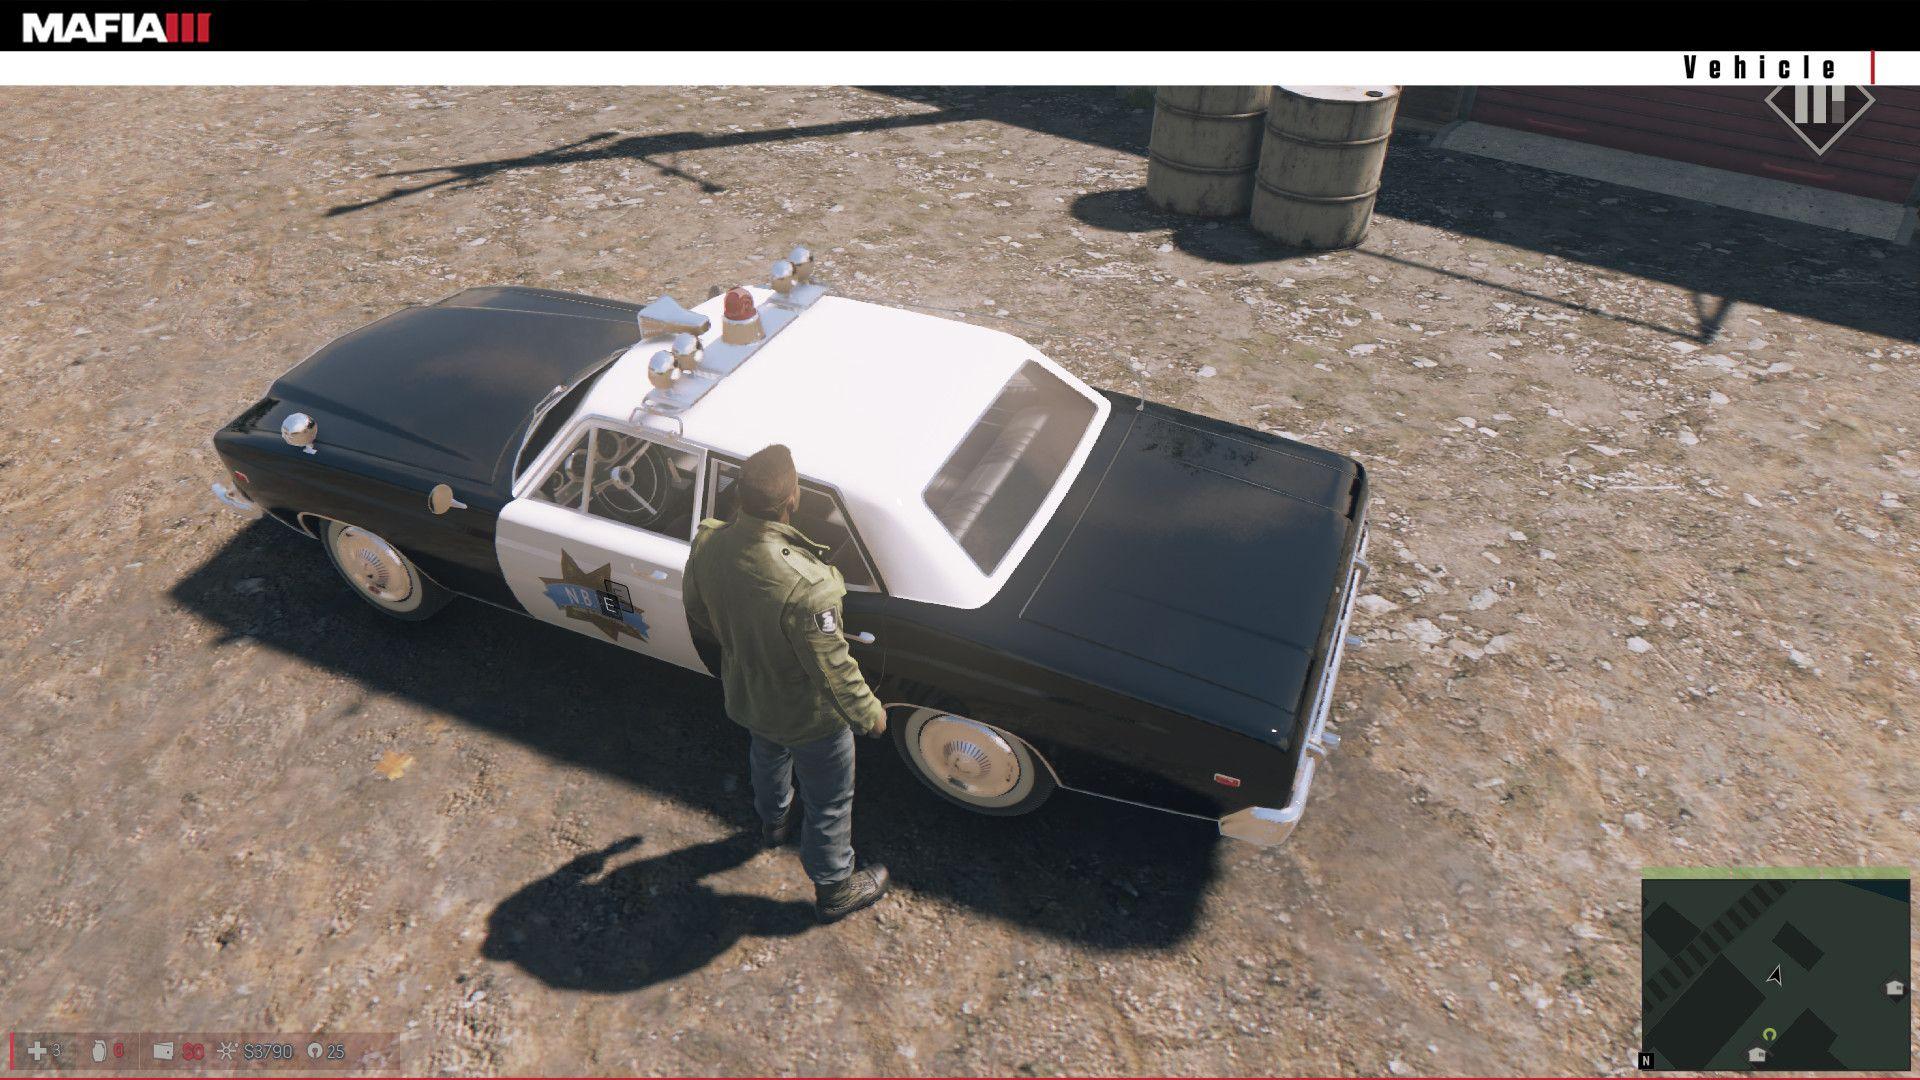 Artstation Police Car For Mafia 3 Game Scythgames Studio Police Cars Mafia 3 Game Car